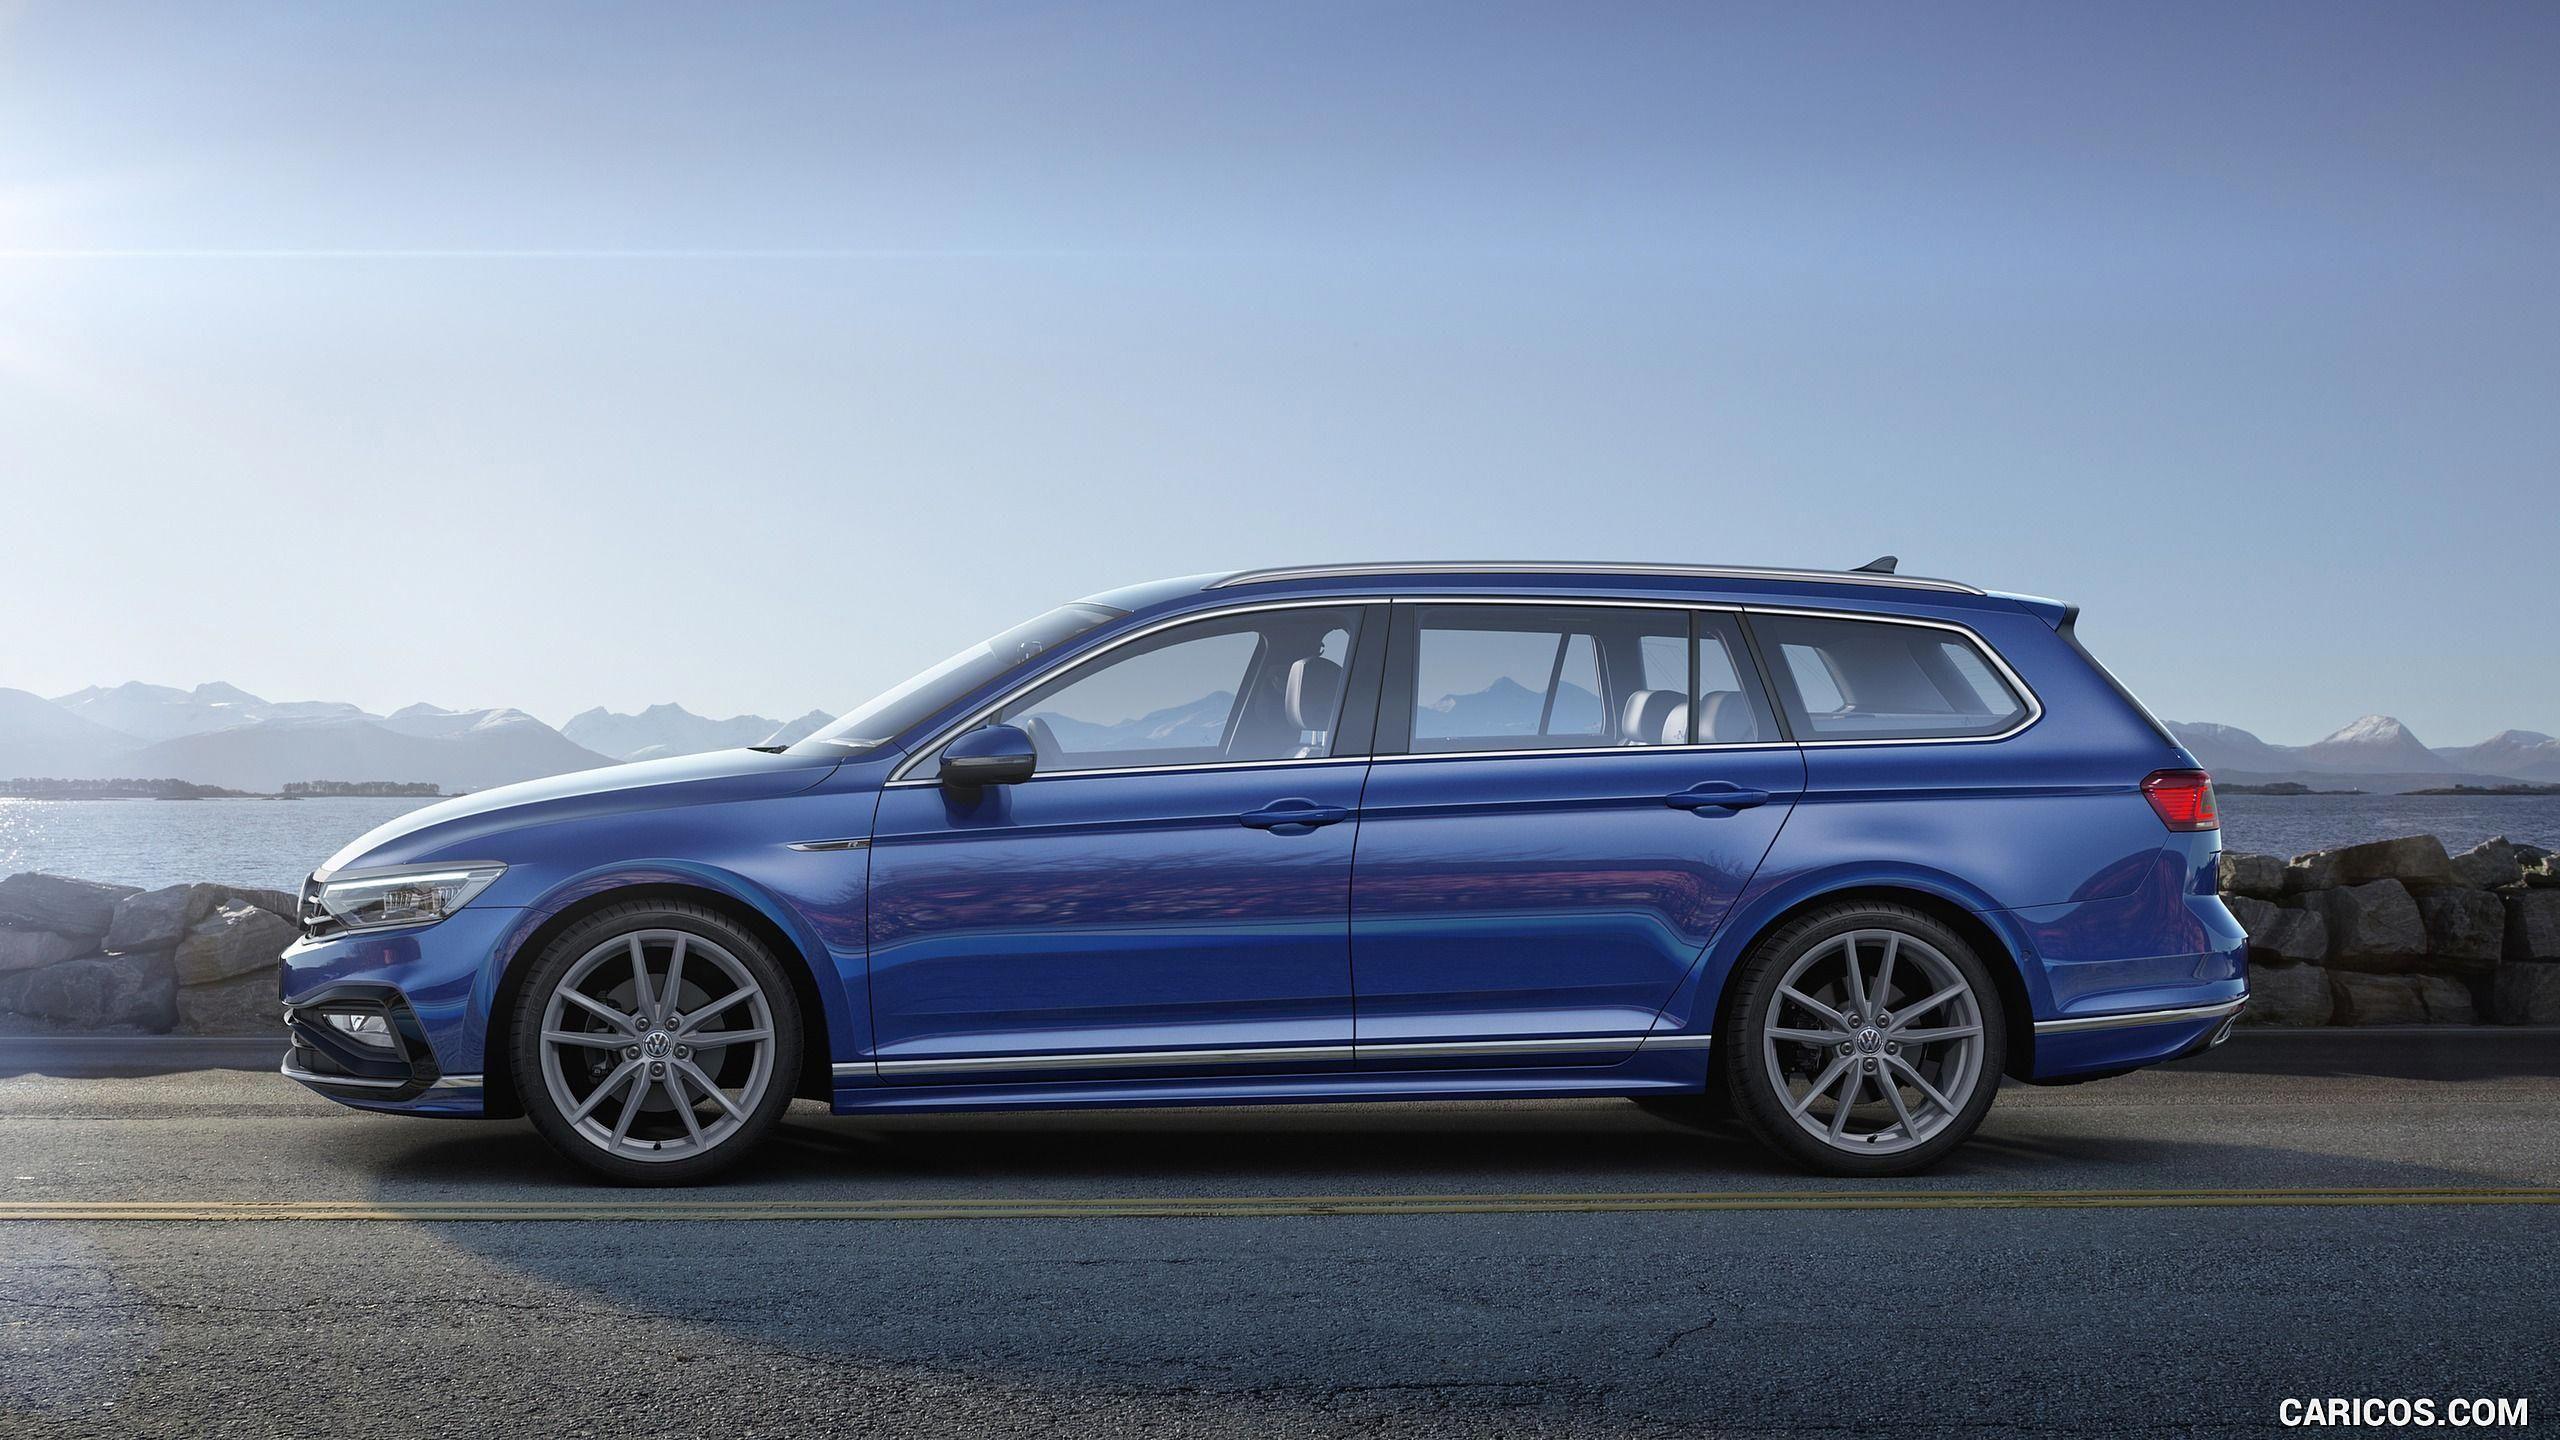 2020 Volkswagen Passat Variant Eu Spec Side Hd Volkswagenpassat Volkswagen Passat Volkswagen Jetta Volkswagen